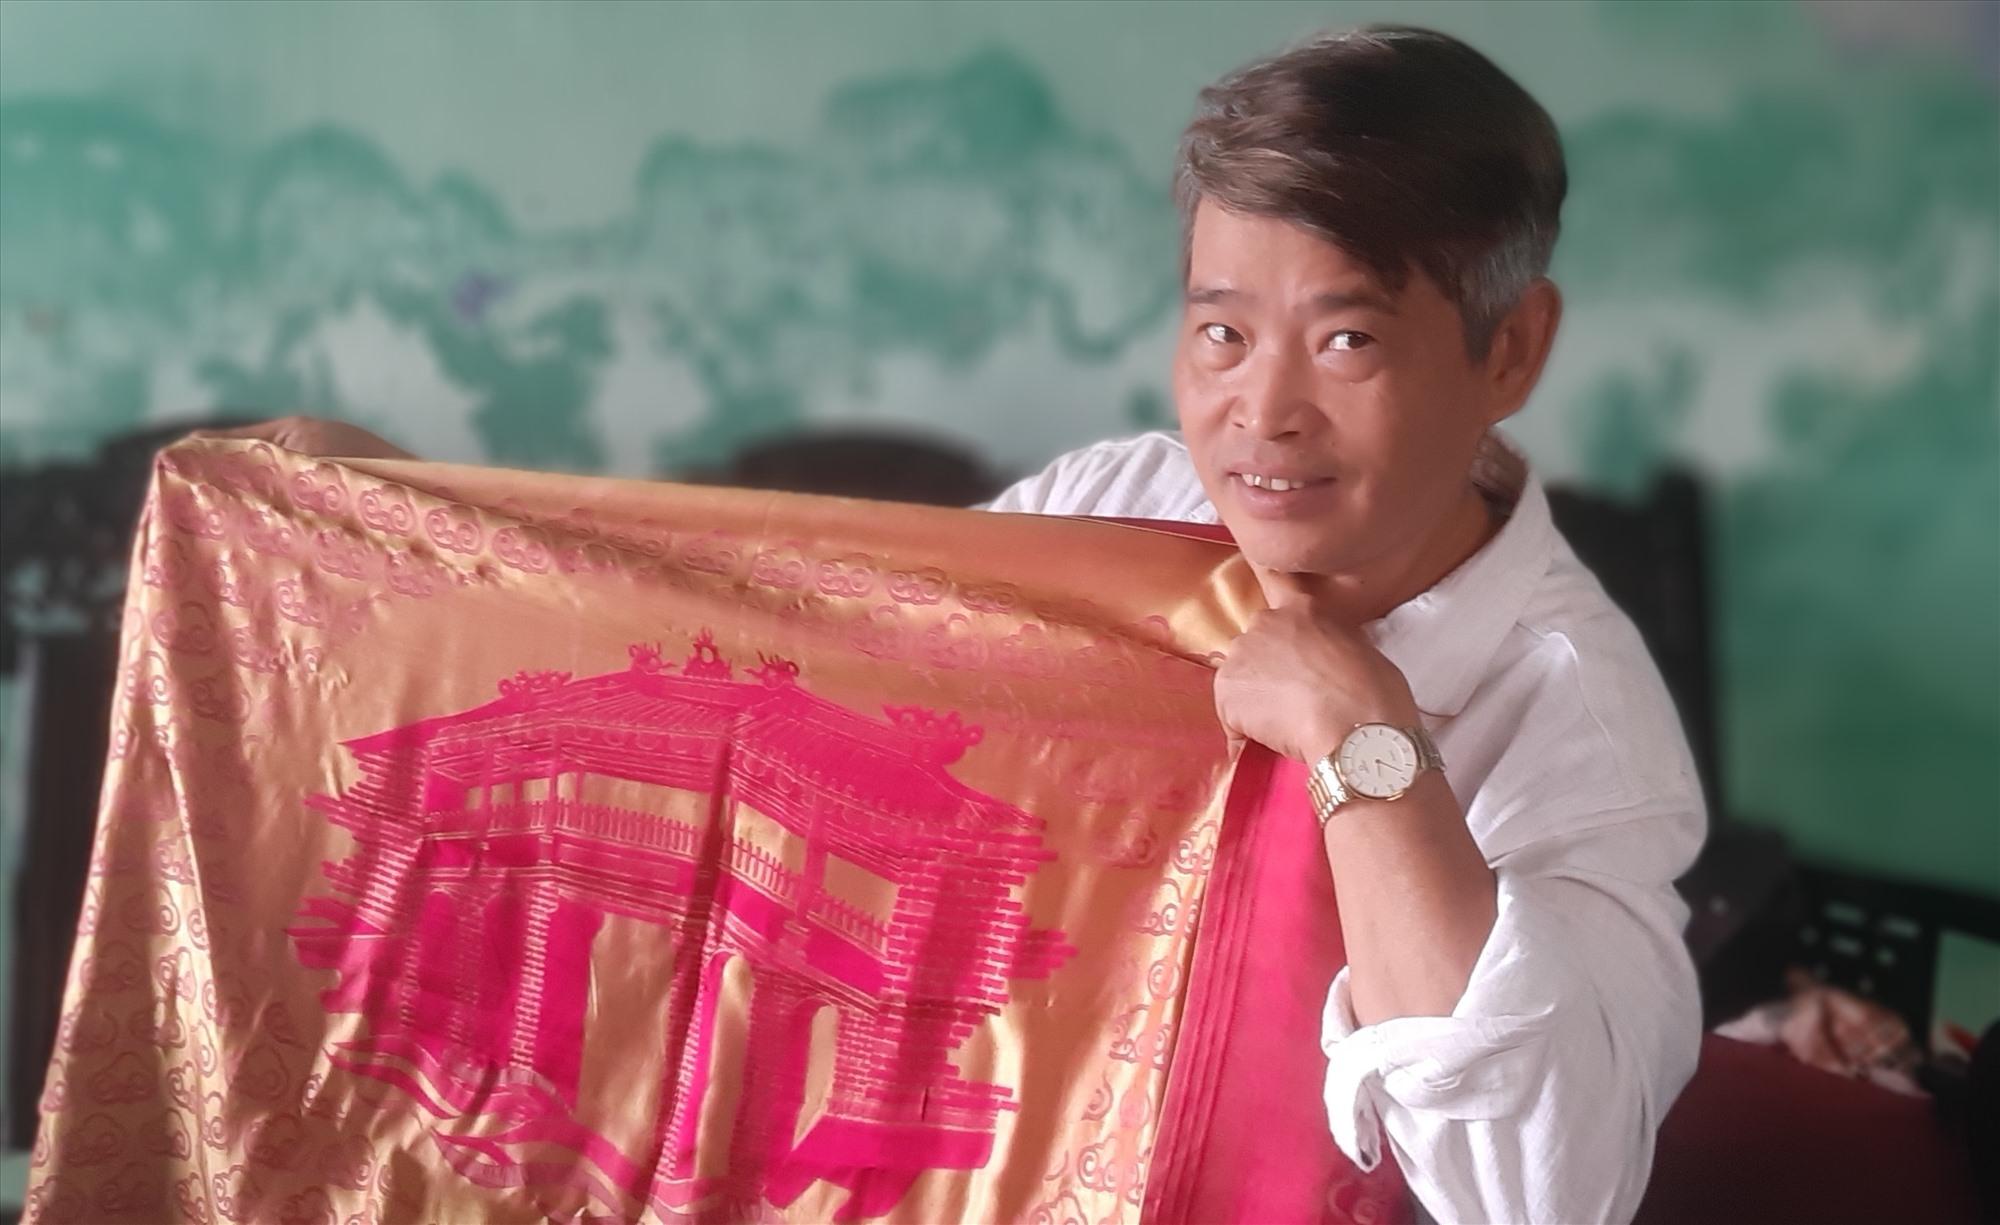 Tham gia Chương trình OCOP là cơ hội lớn để sản phẩm lụa Mã Châu nâng cao chất lượng, mở rộng thị trường tiêu thụ. Ảnh: H.N